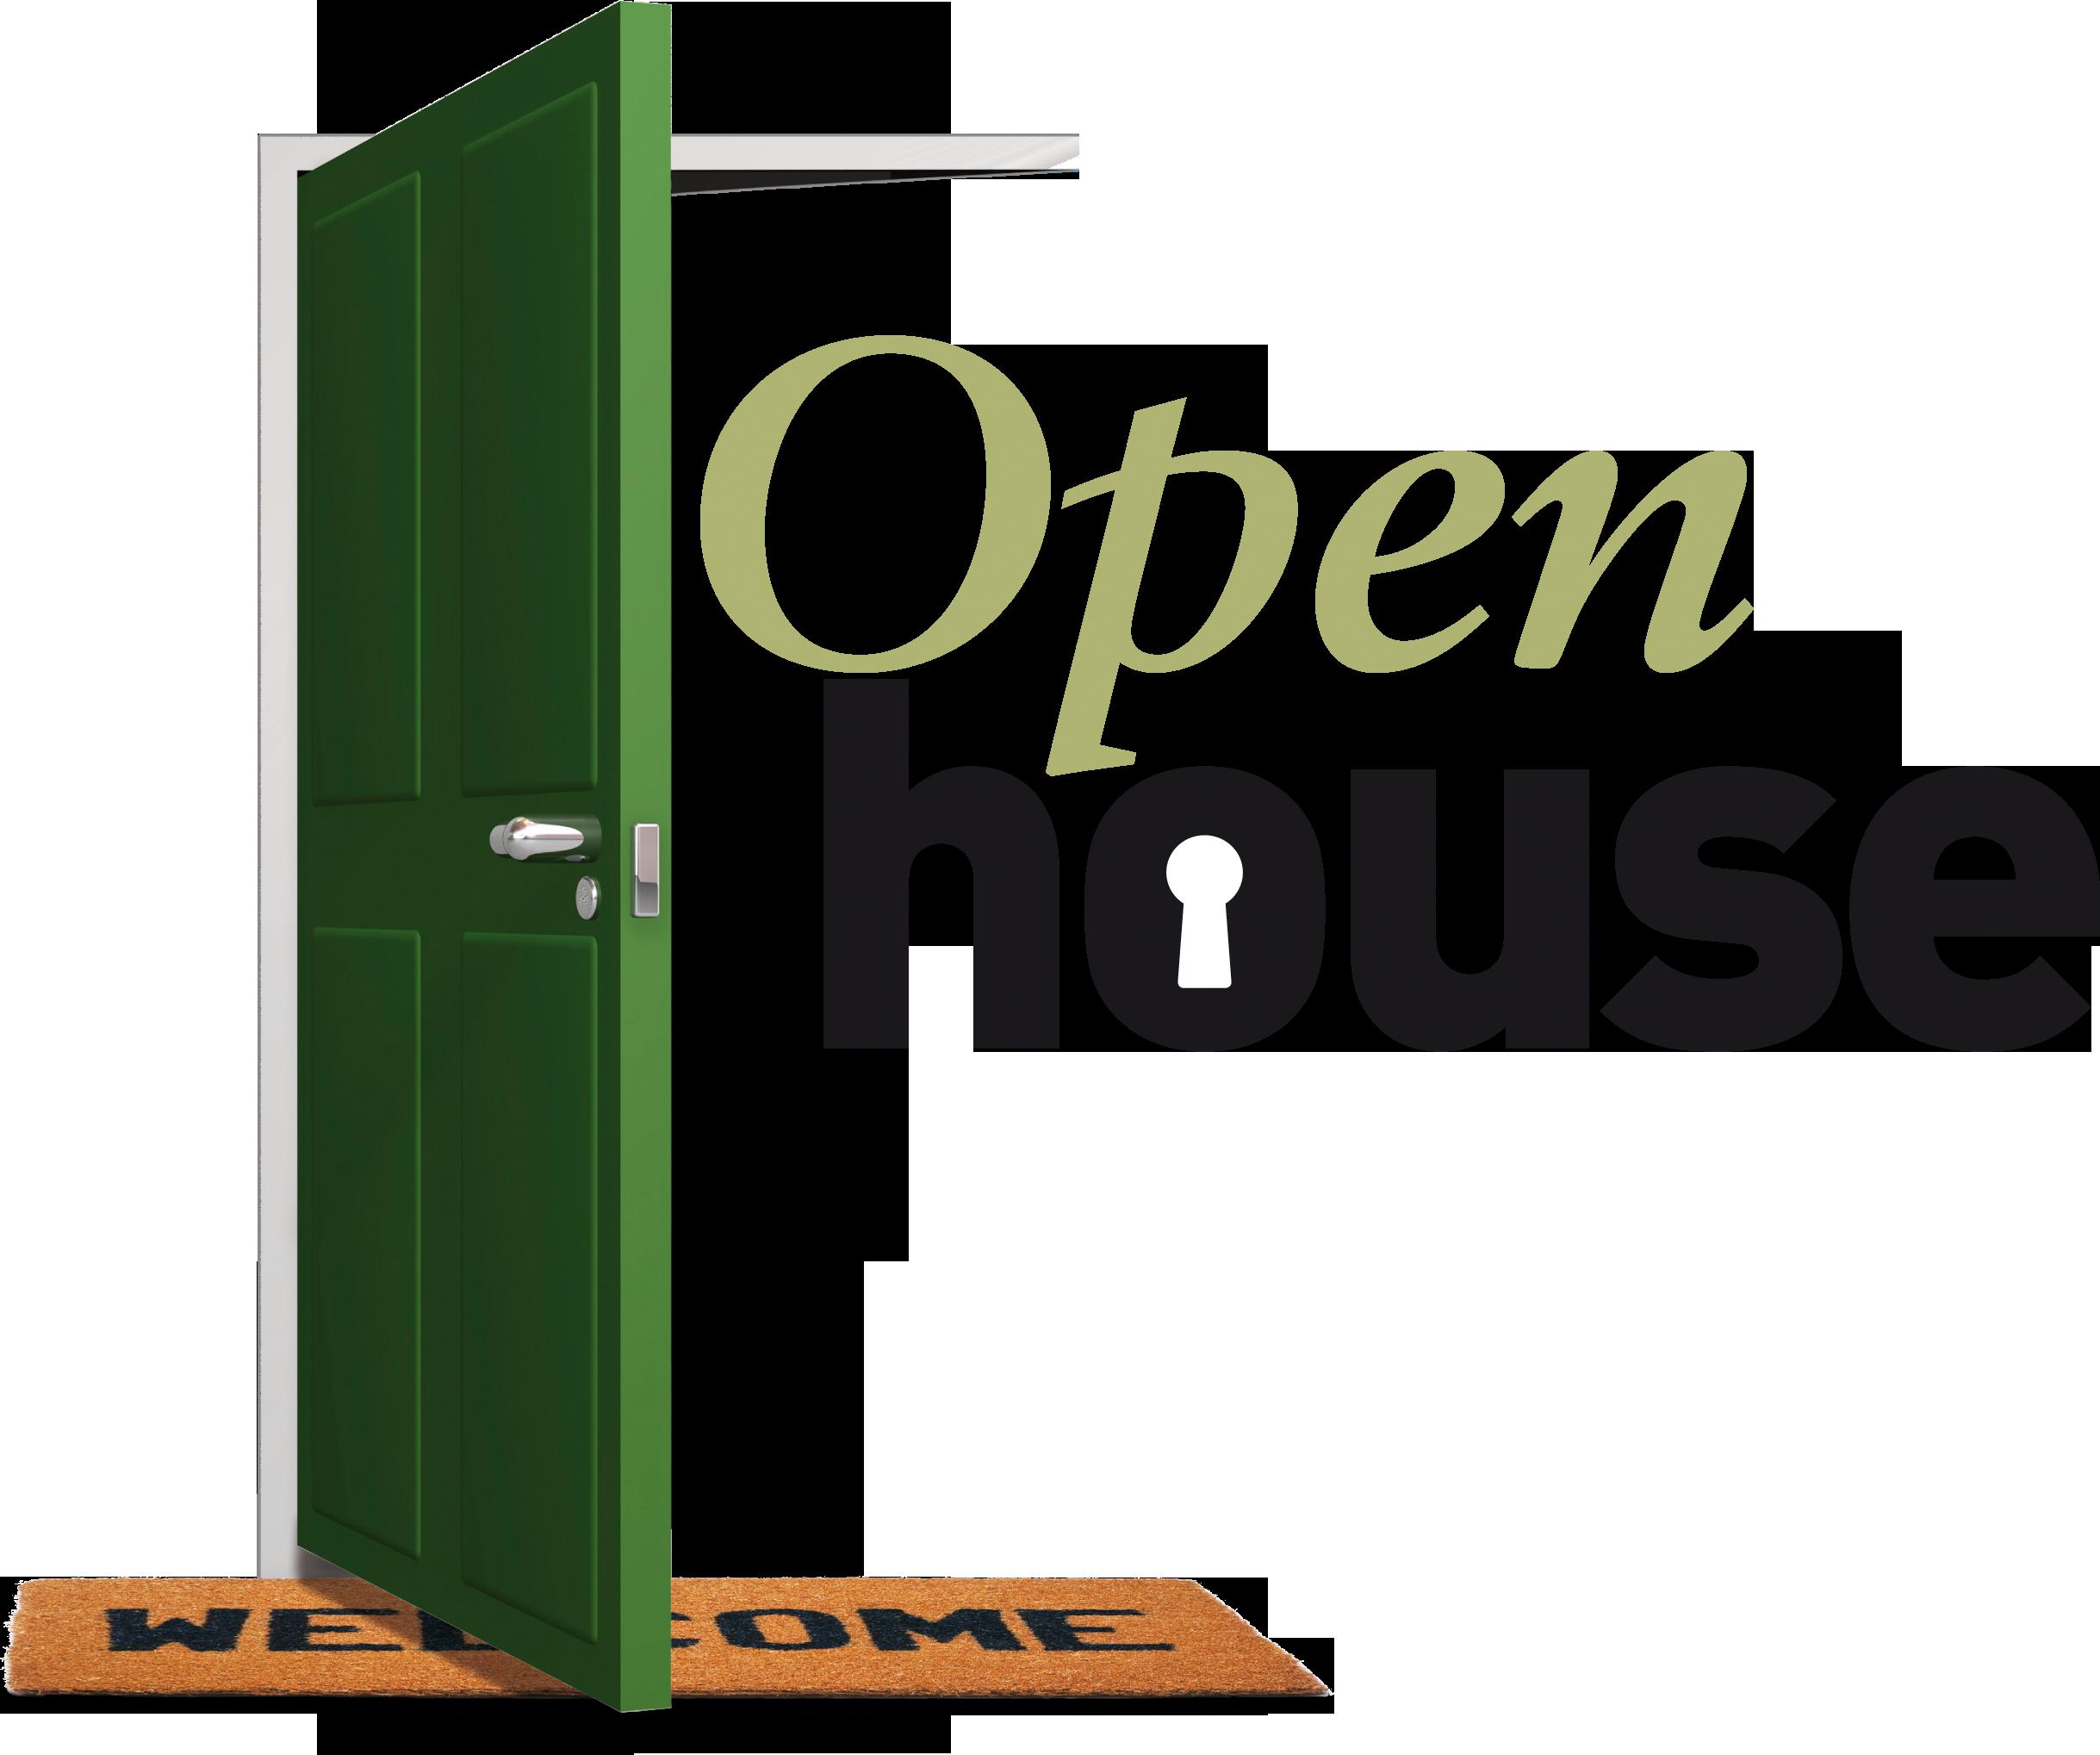 Clipart door sideways. Open house pencil and